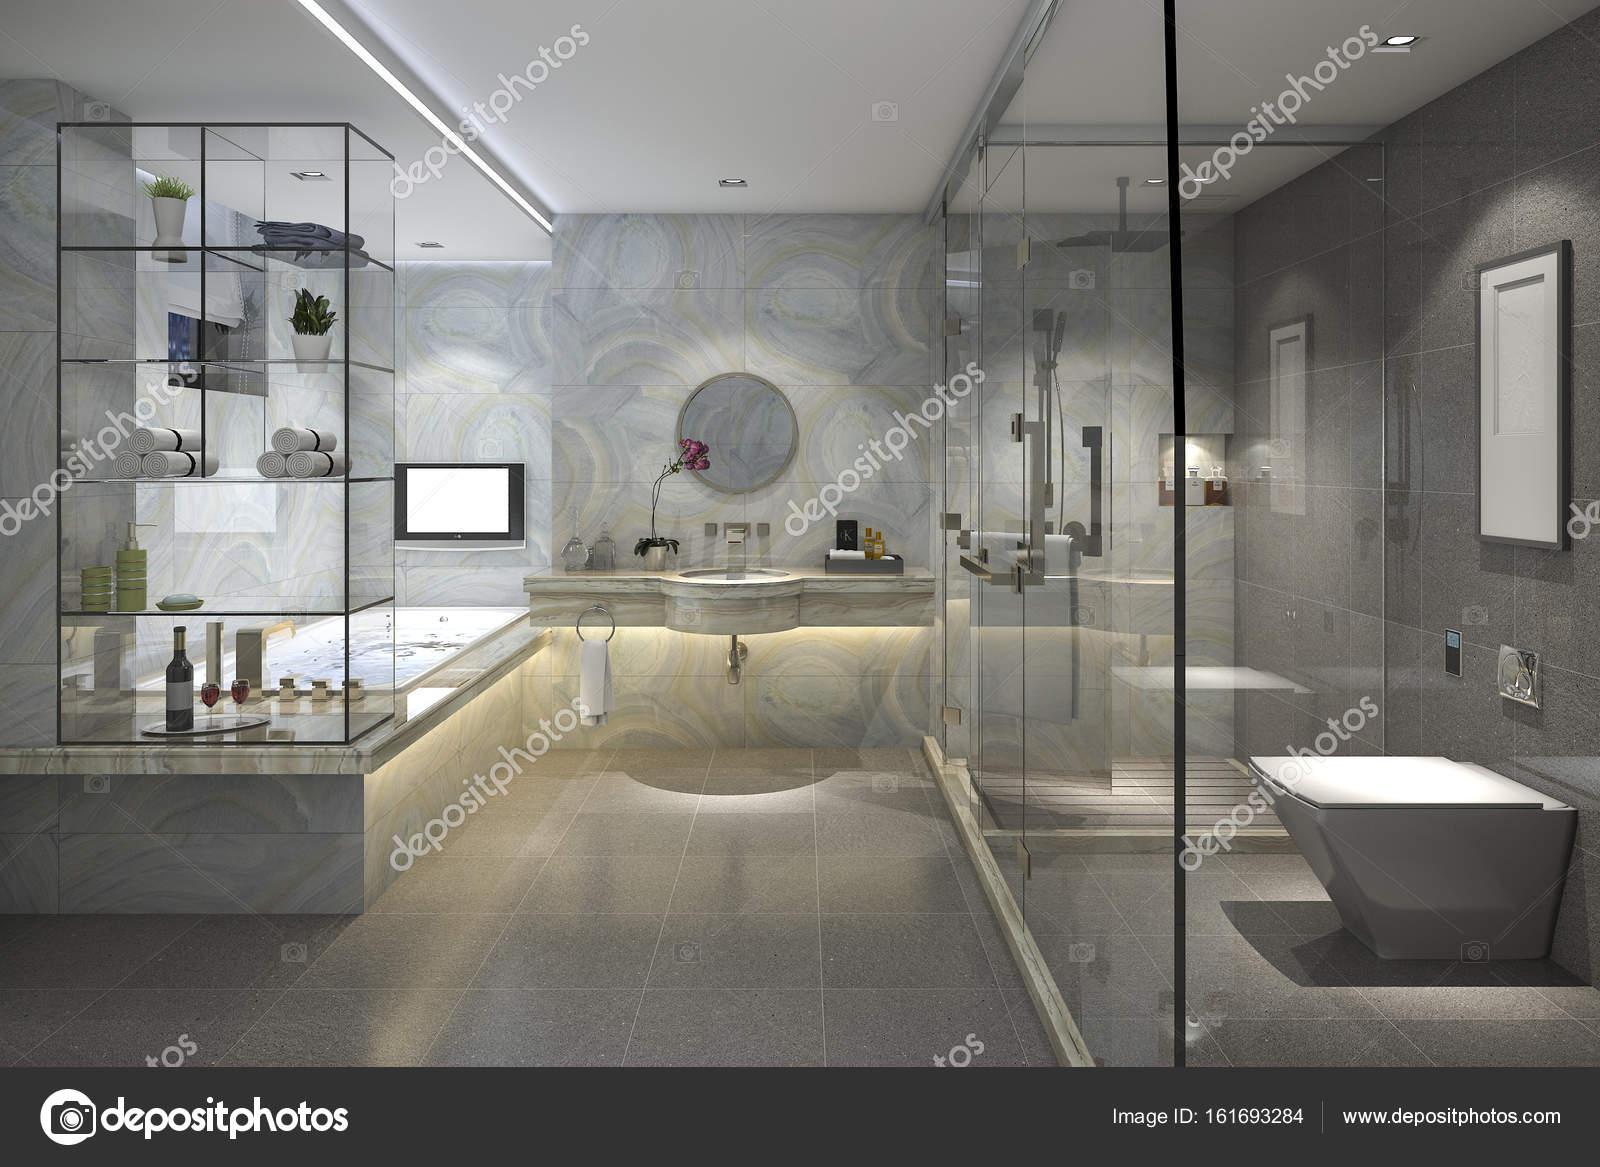 Piastrelle bagno moderno loft con lusso arredamento u foto stock